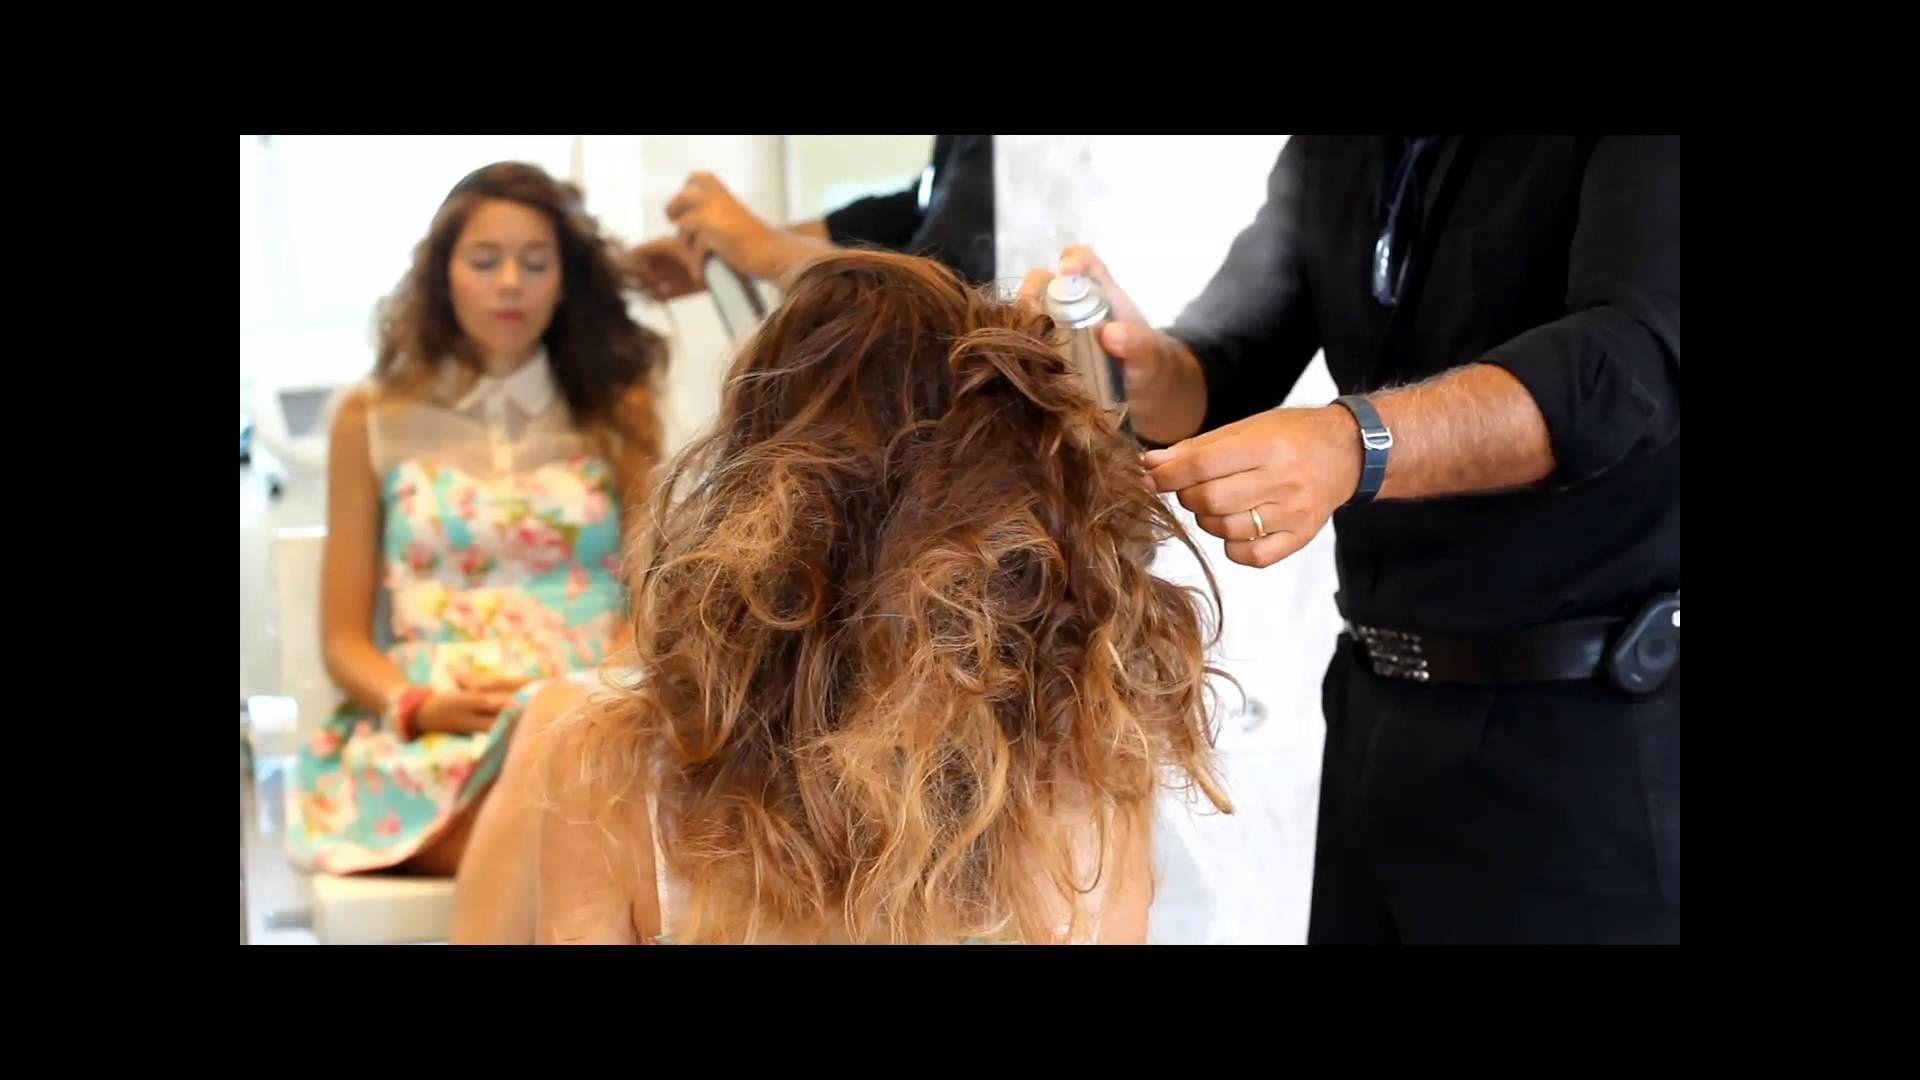 Pettinature per capelli lunghi  ecco due tutorial mooolto particolari! 3f7fd35c528f